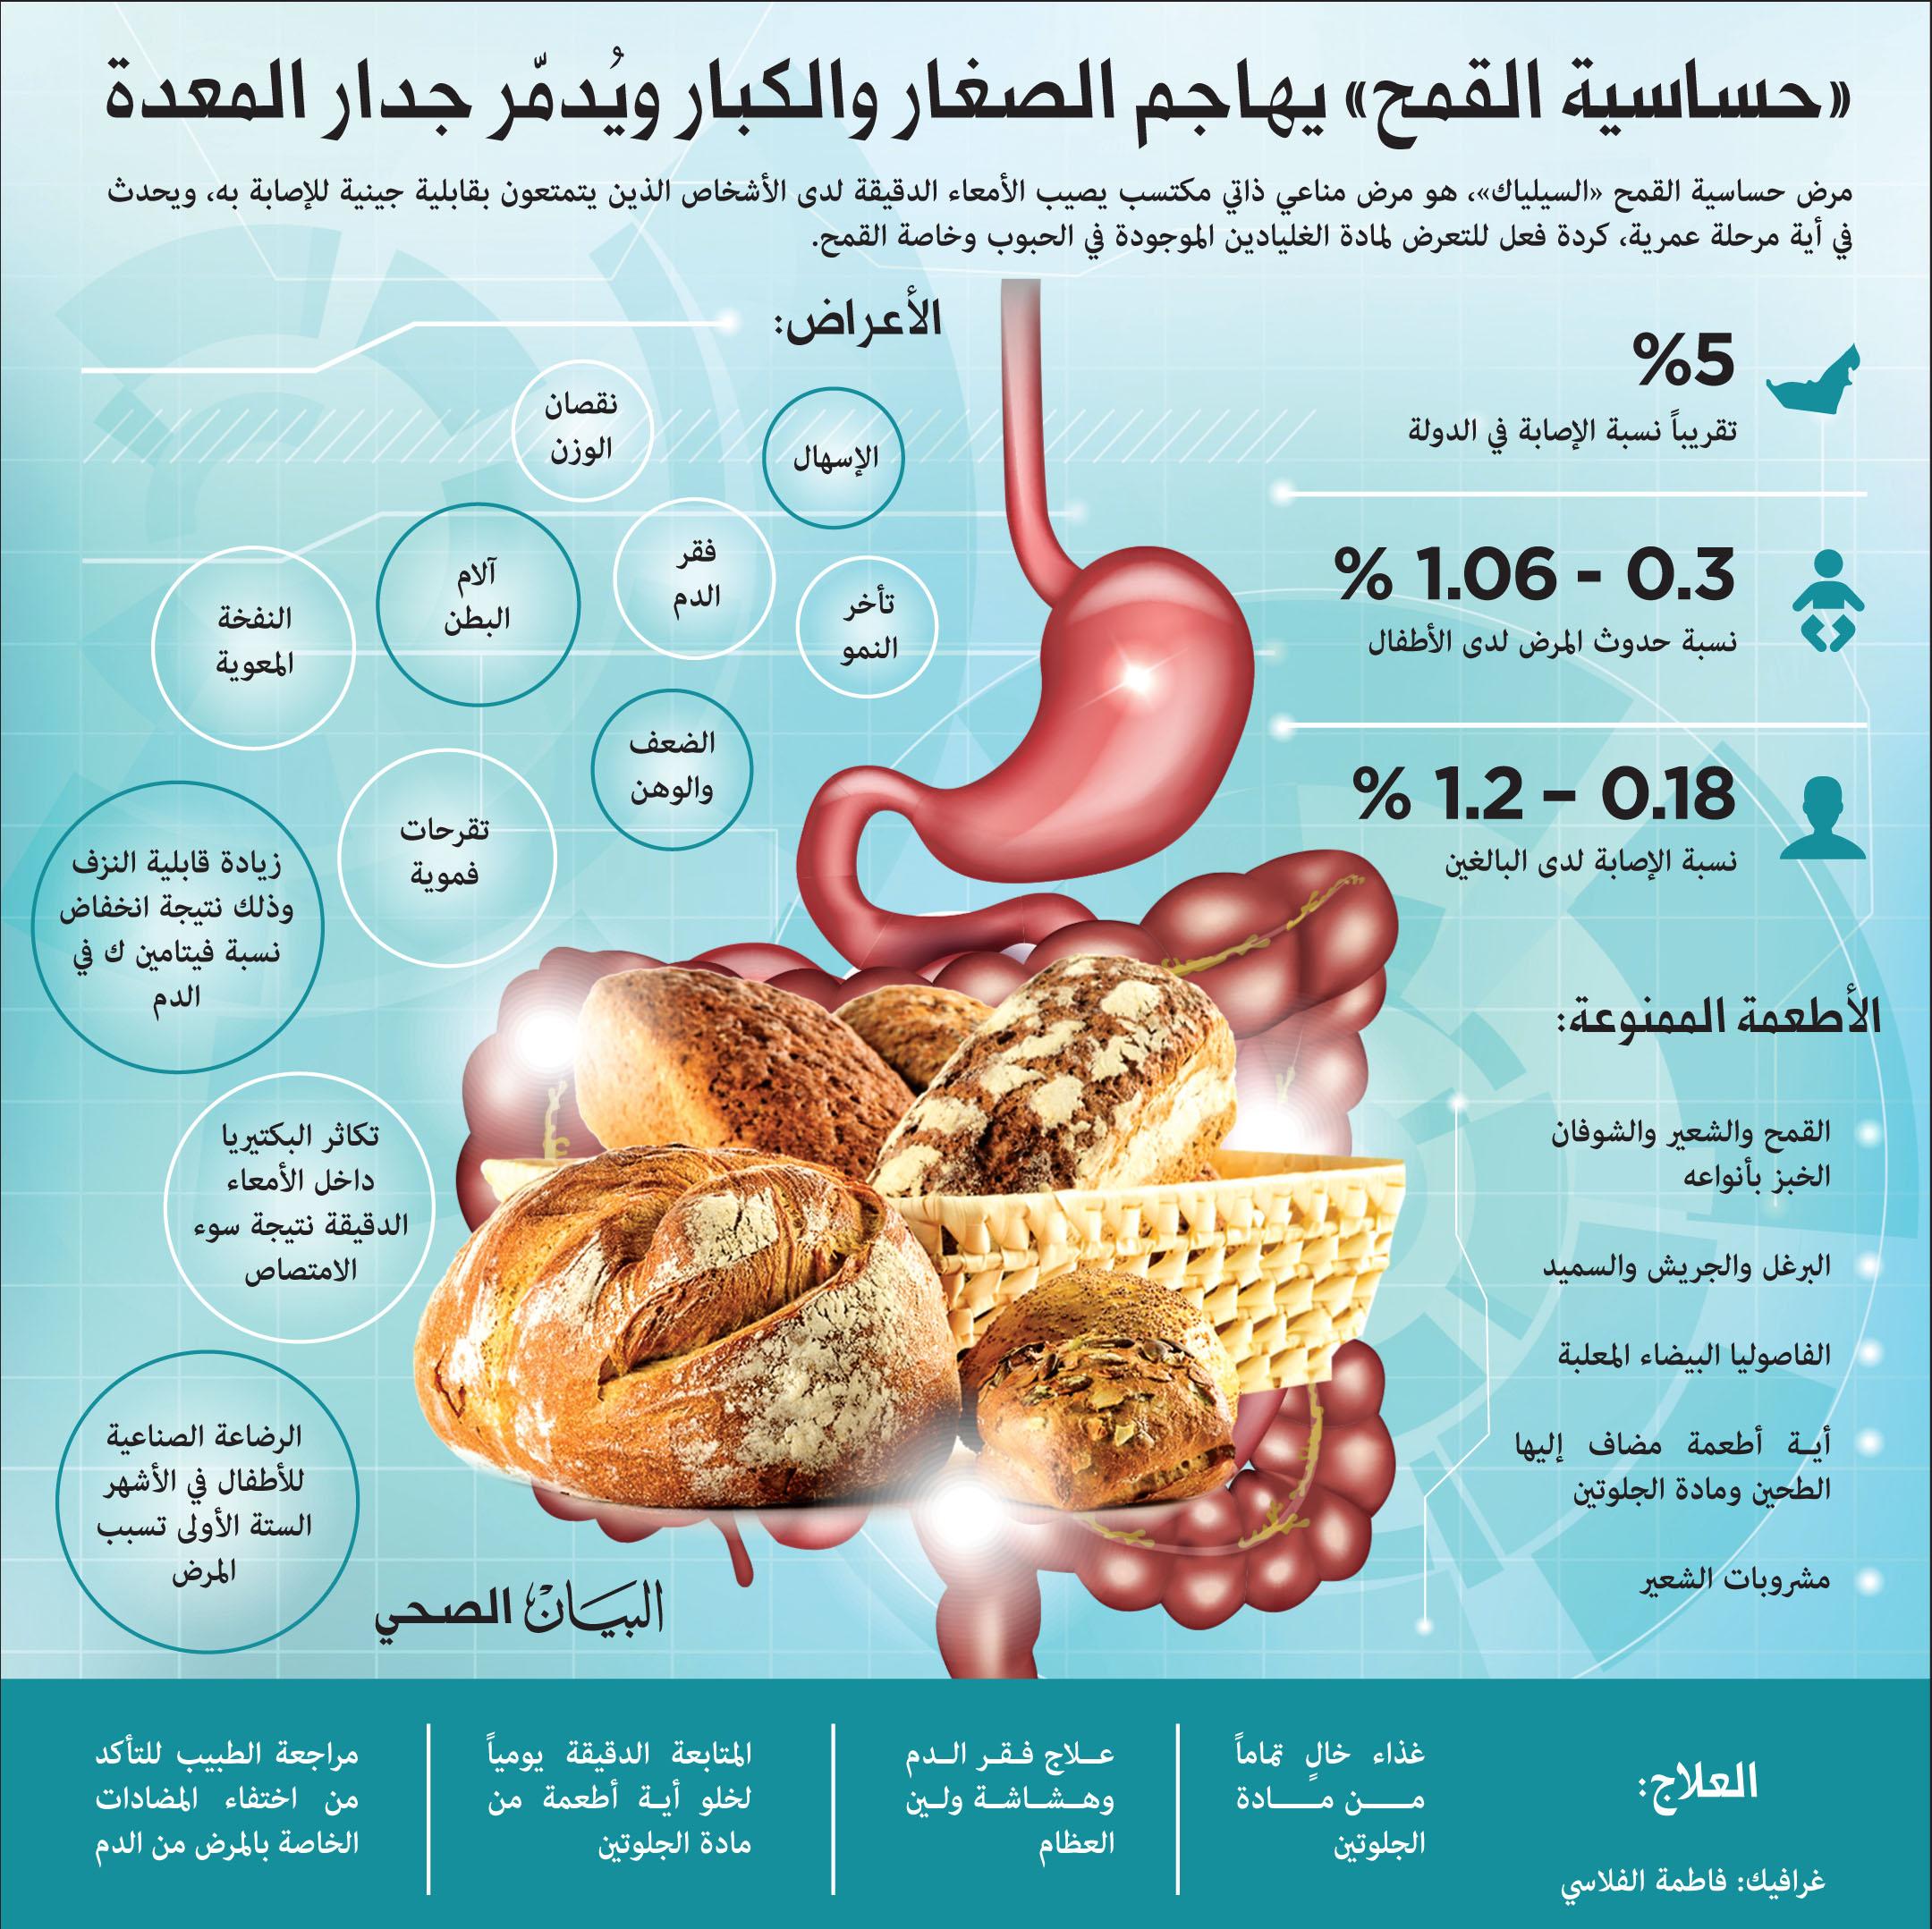 حساسية القمح يهاجم الصغار والكبار وي دم ر جدار المعدة البيان الصحي الأخيرة البيان